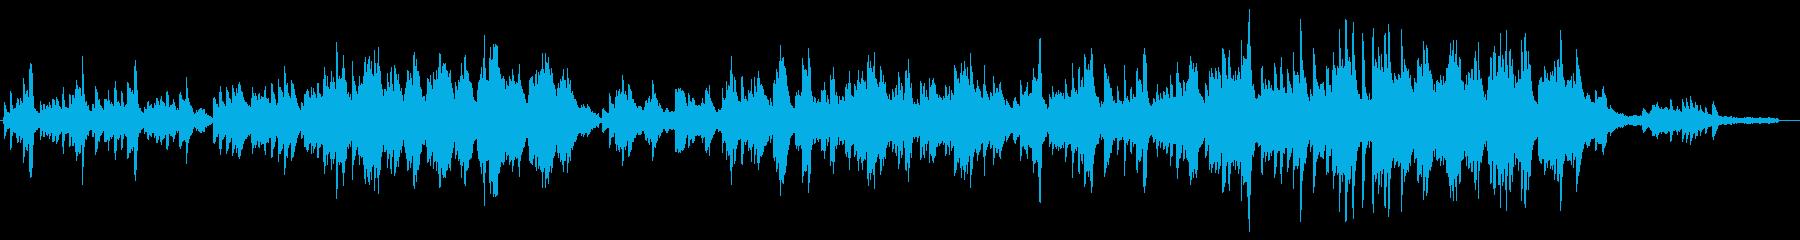 空・未来・感動的なヒーリング系ピアノソロの再生済みの波形